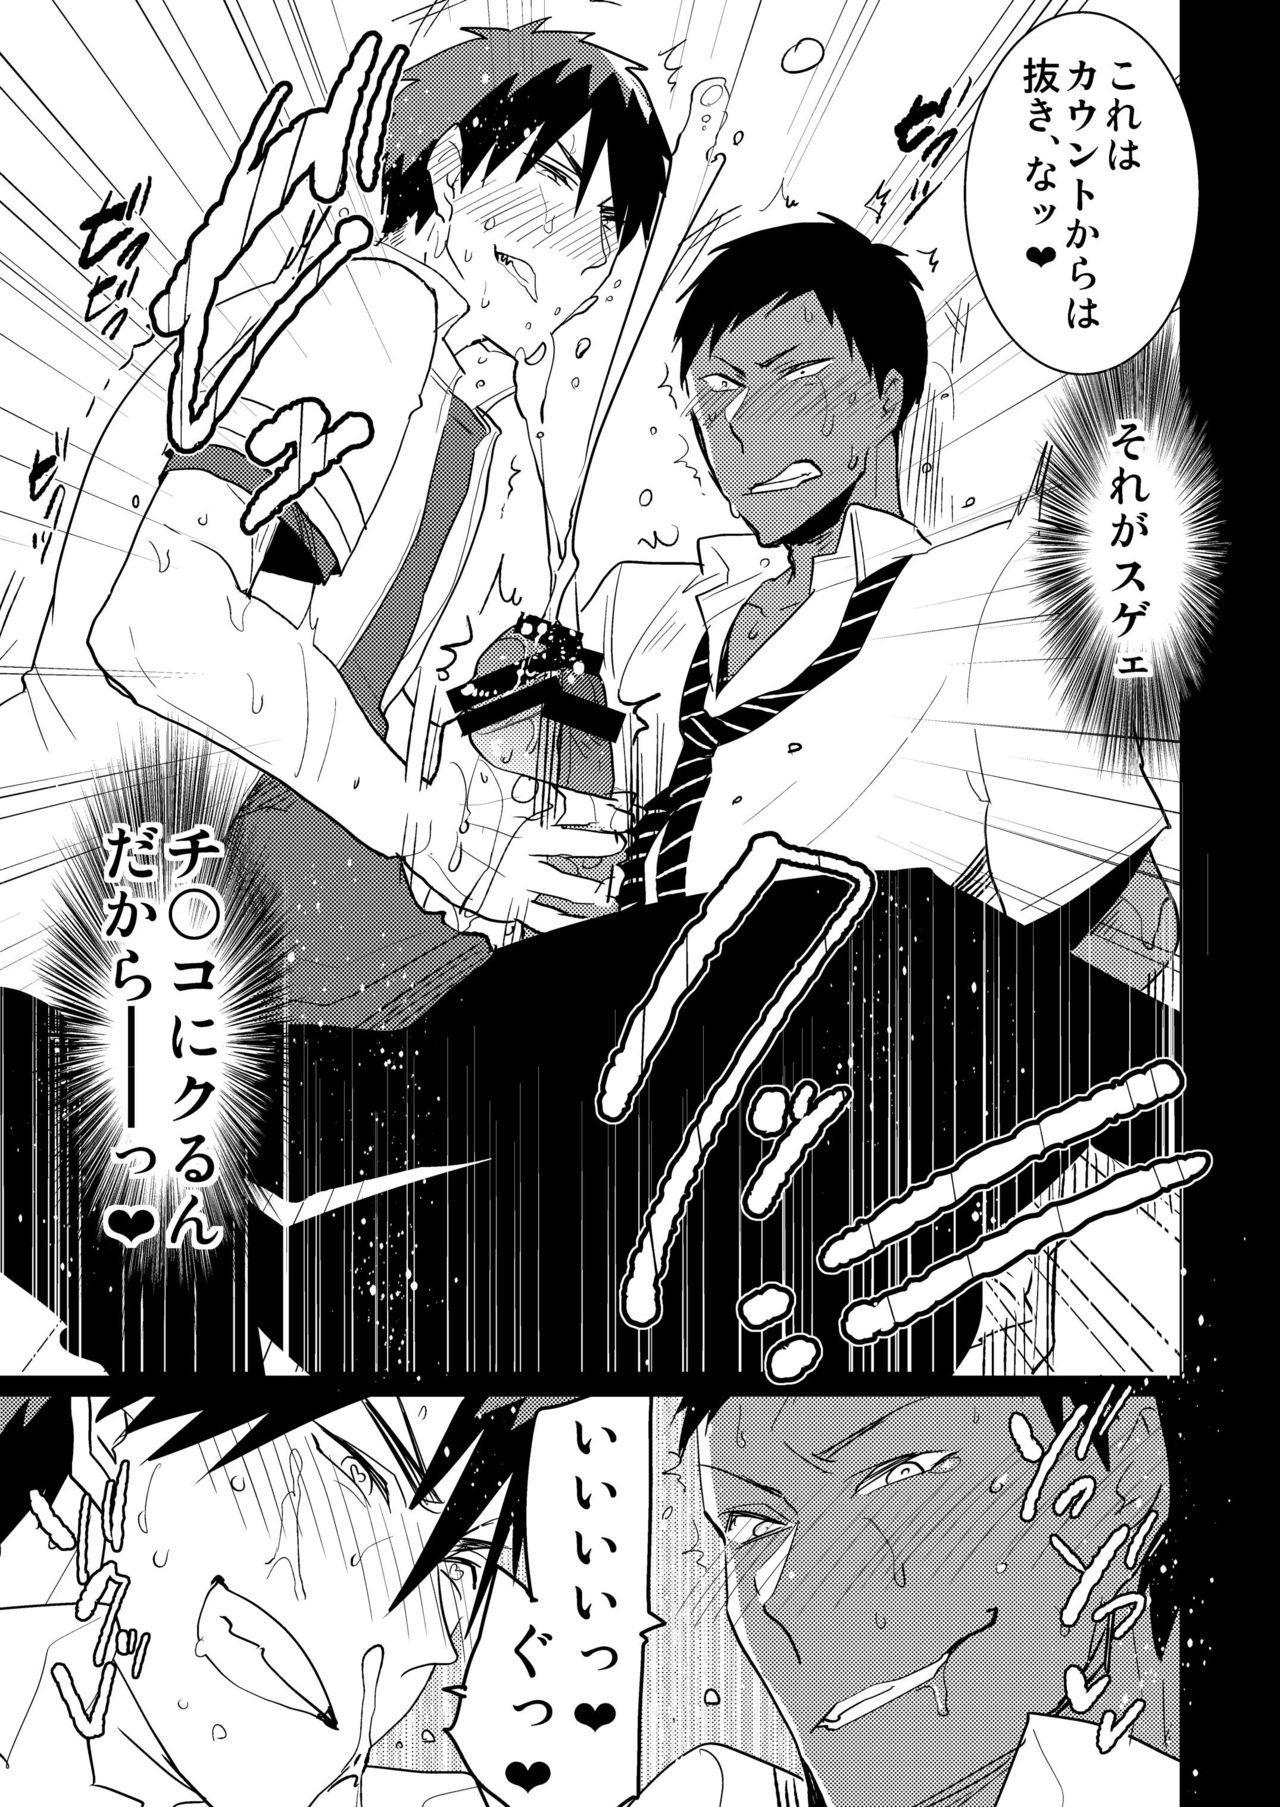 Kagami-kun no Ero hon 9 Ippatsuyara Sete Kure! 13